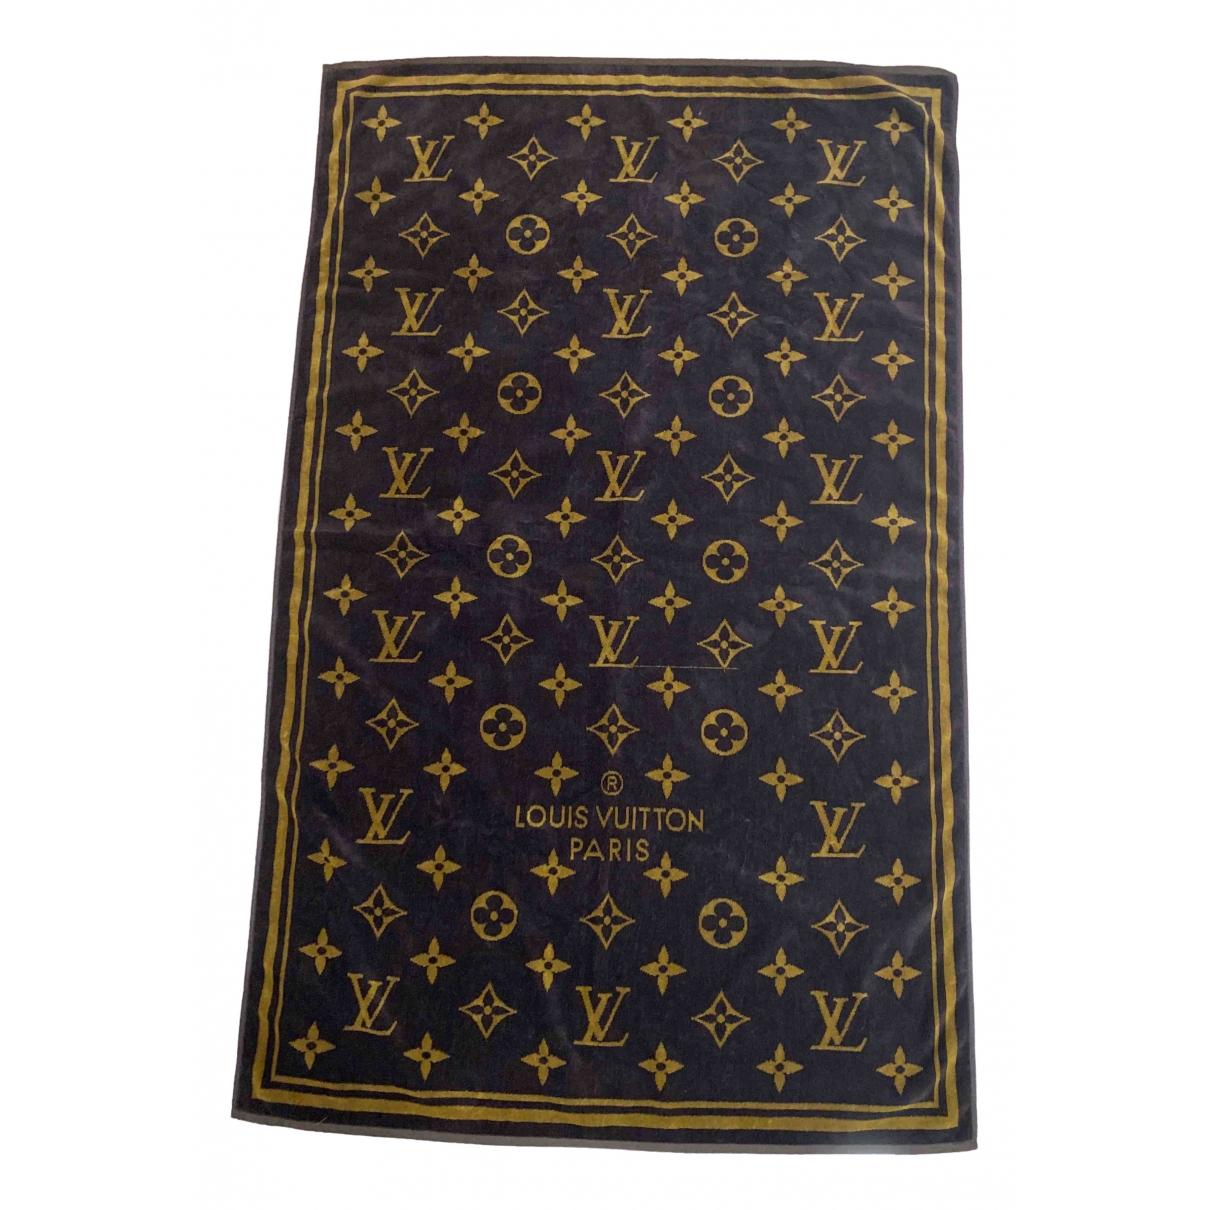 Louis Vuitton - Linge de maison   pour lifestyle en coton - marron